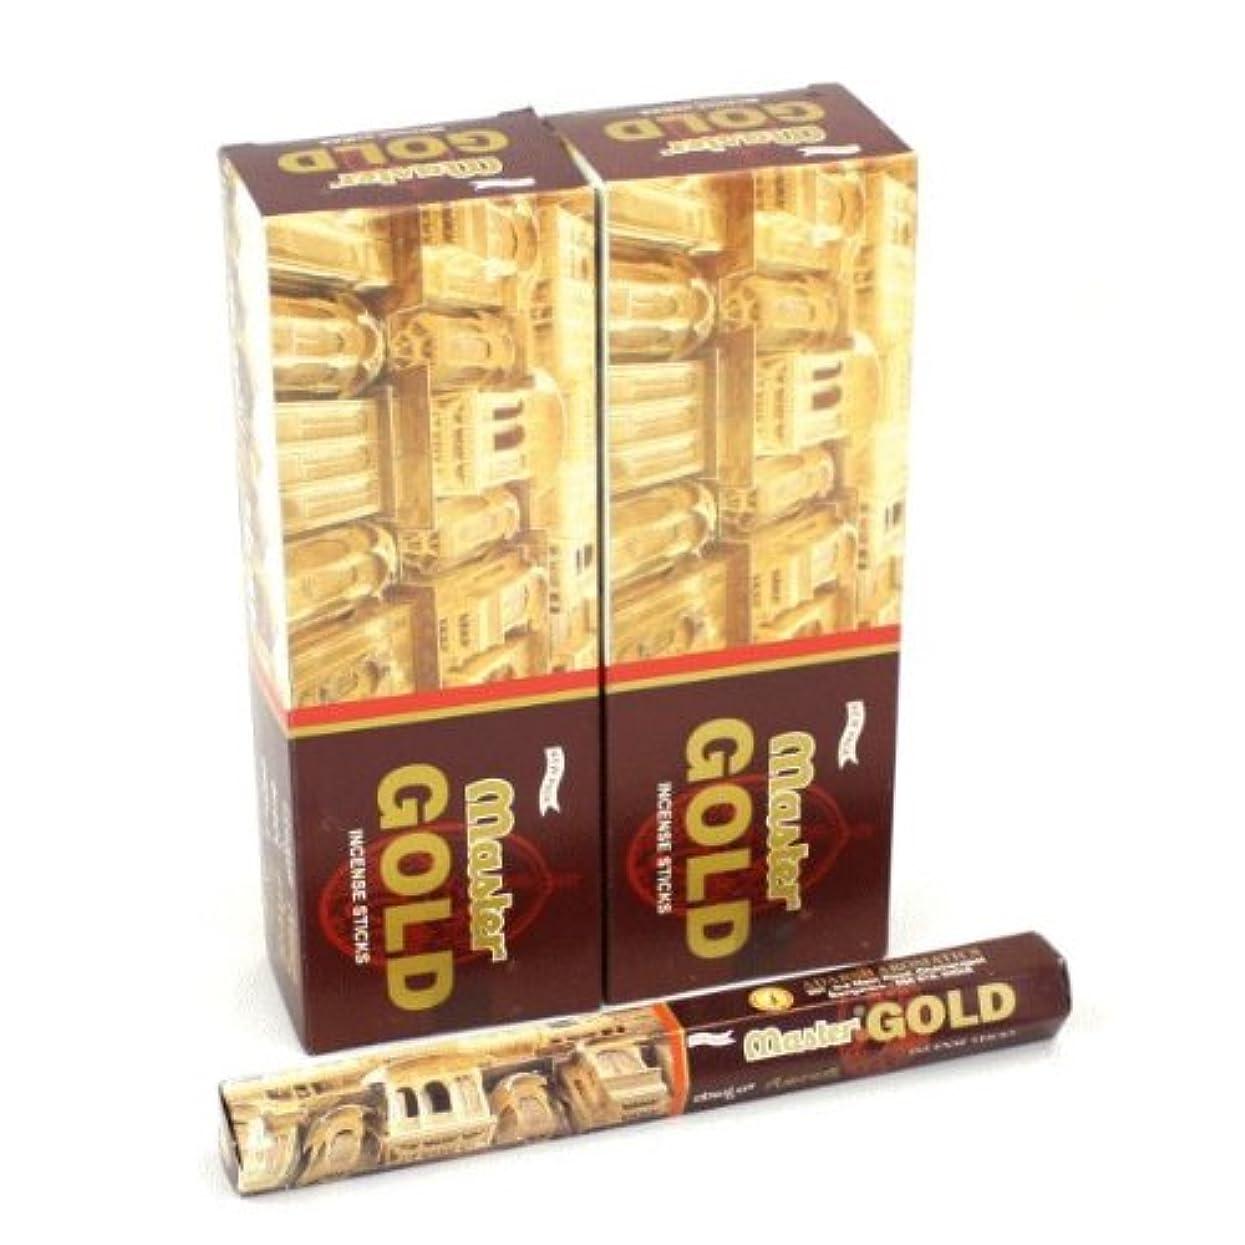 カルシウム何十人も運ぶADARSH マスターゴールド香 スティック ヘキサパック(六角) 12箱セット MASTER GOLD